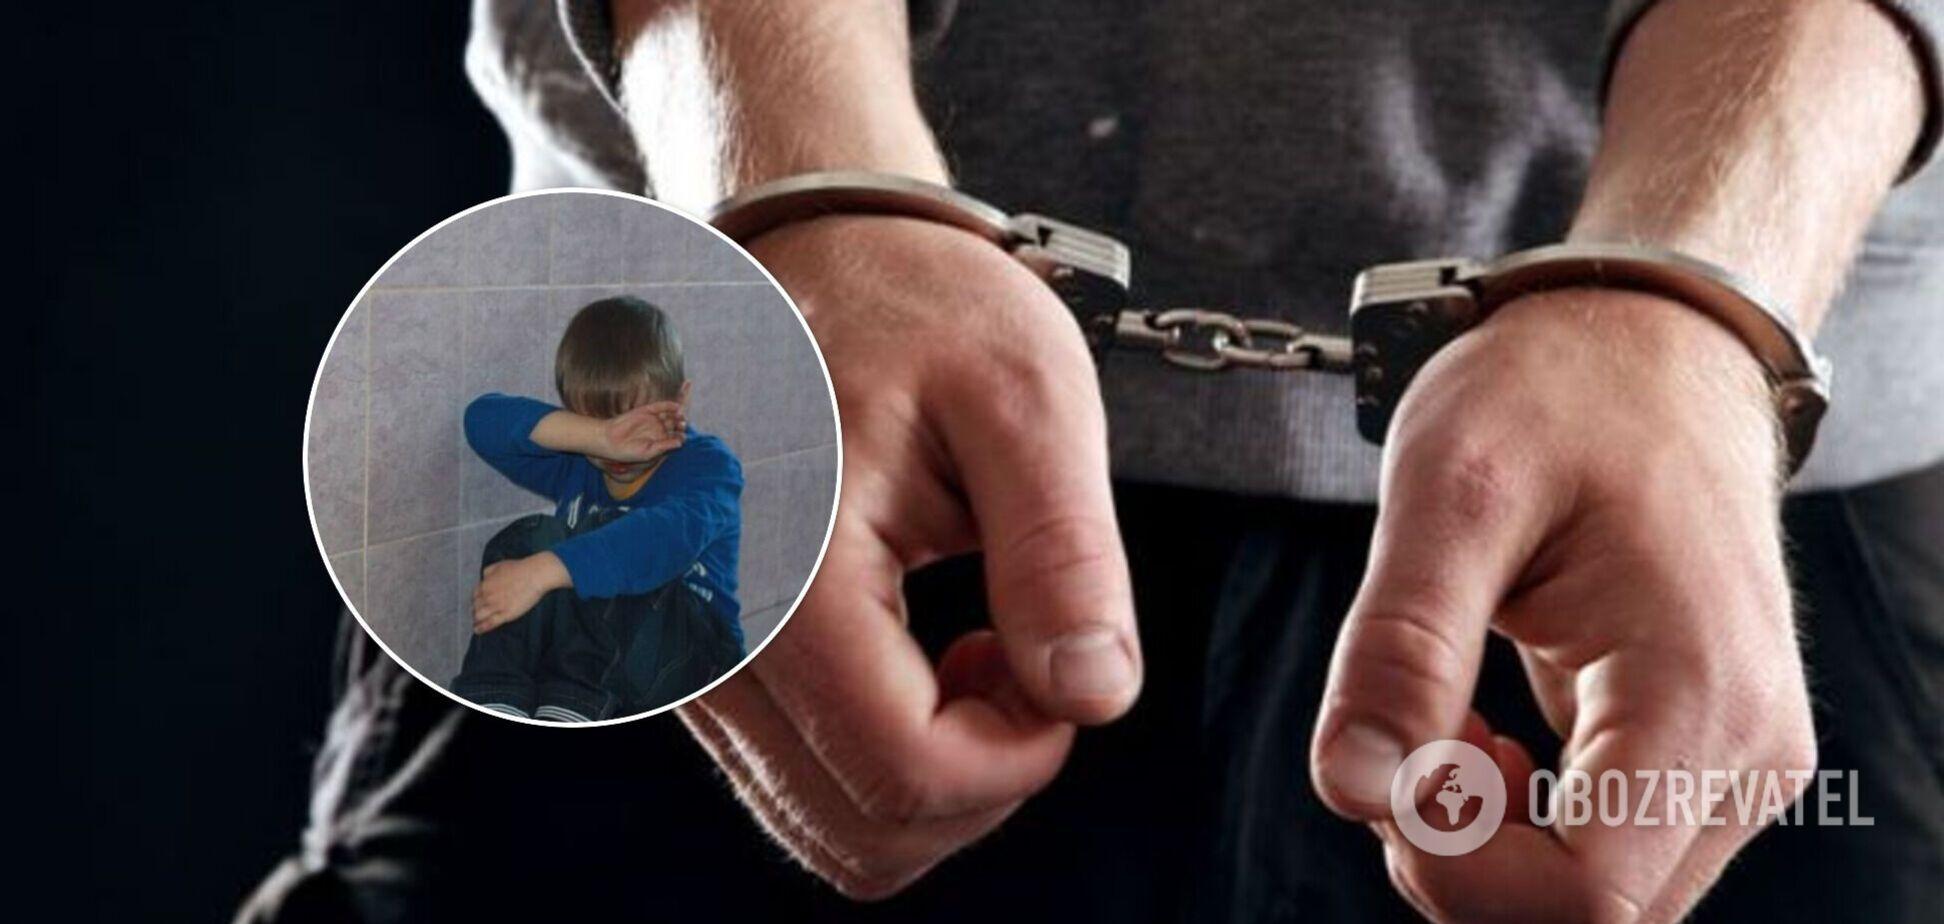 Суд відправив за ґрати на 10 років чоловіка, який зґвалтував малолітнього хлопчика